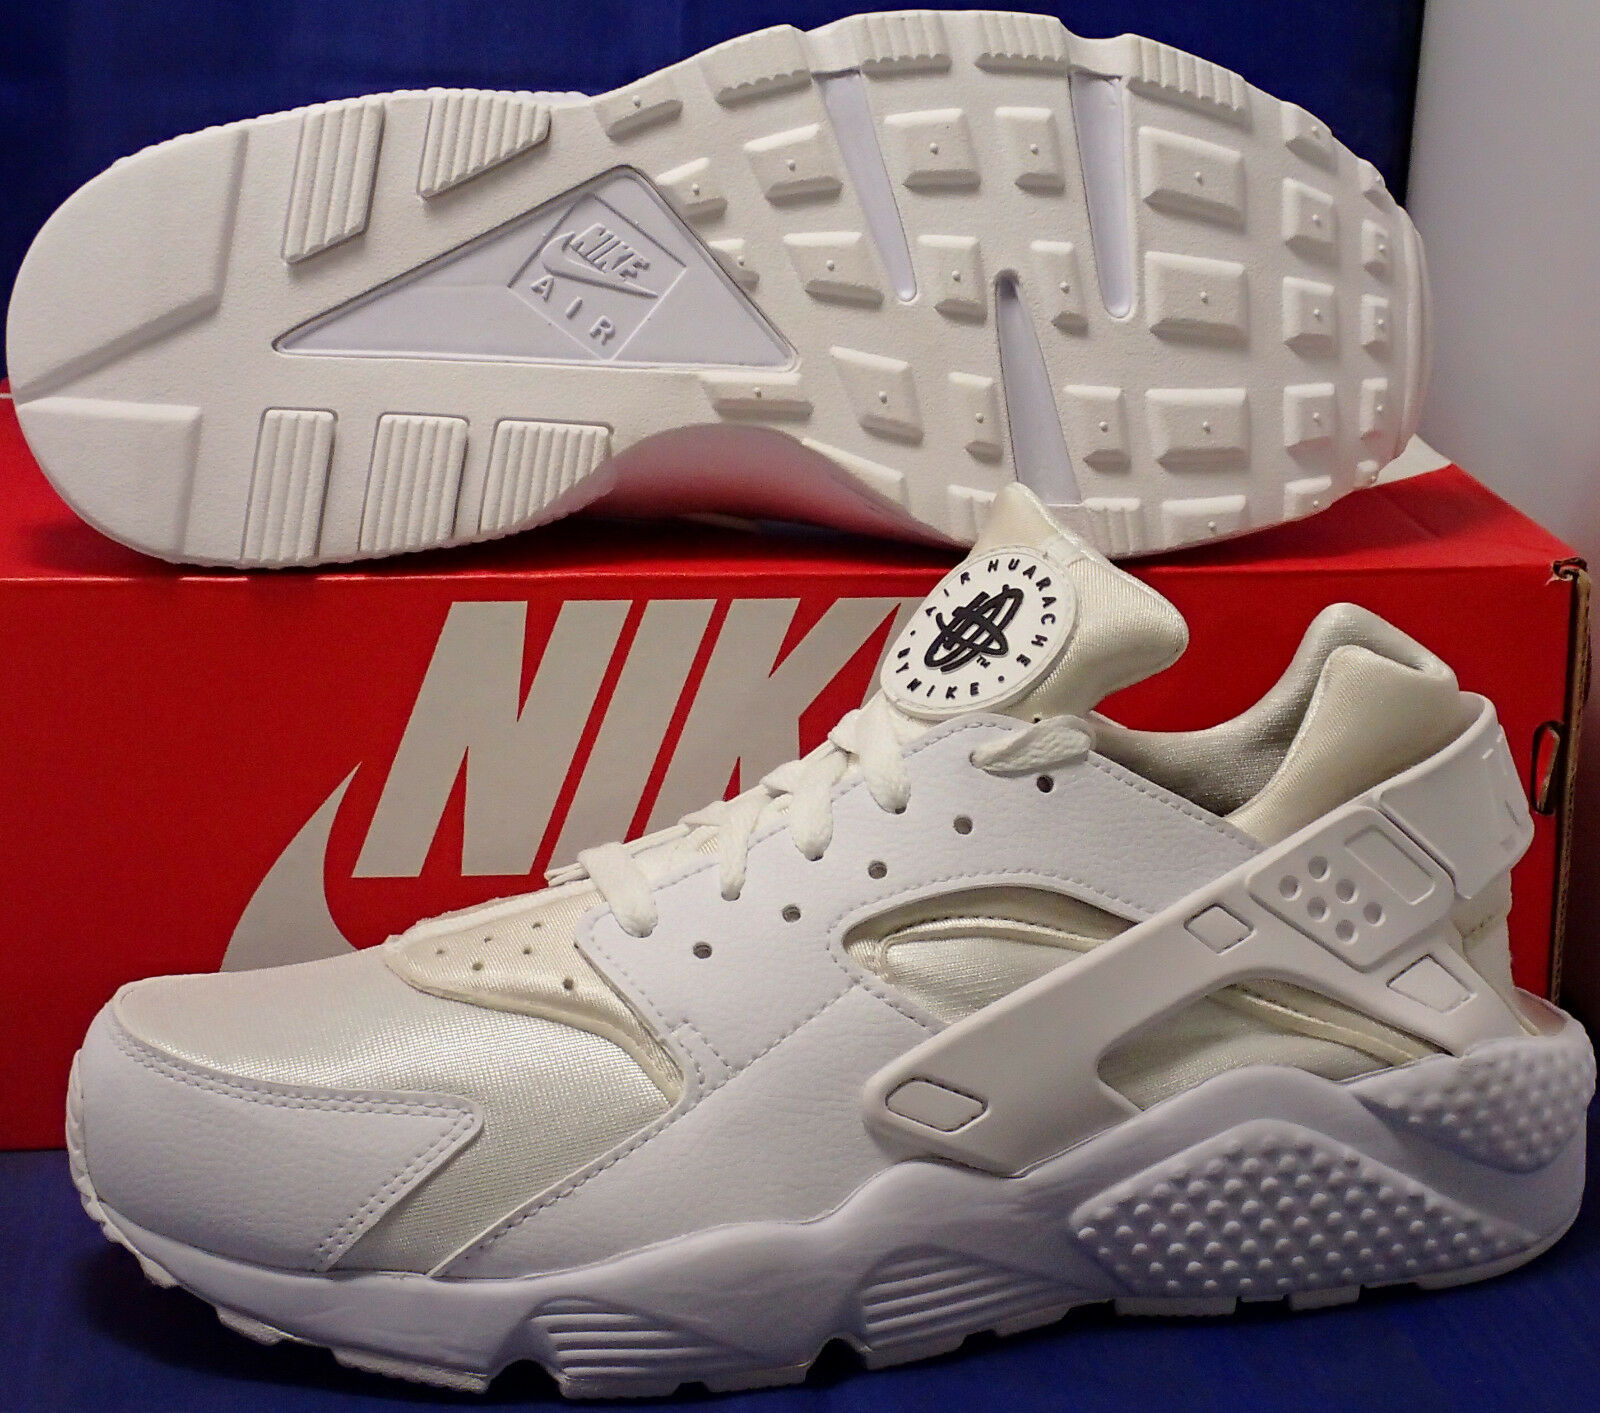 31e4437a8b00 cheap Nike Air Huarache Run iD White Ivory SZ 10 ( 777330-994 ...